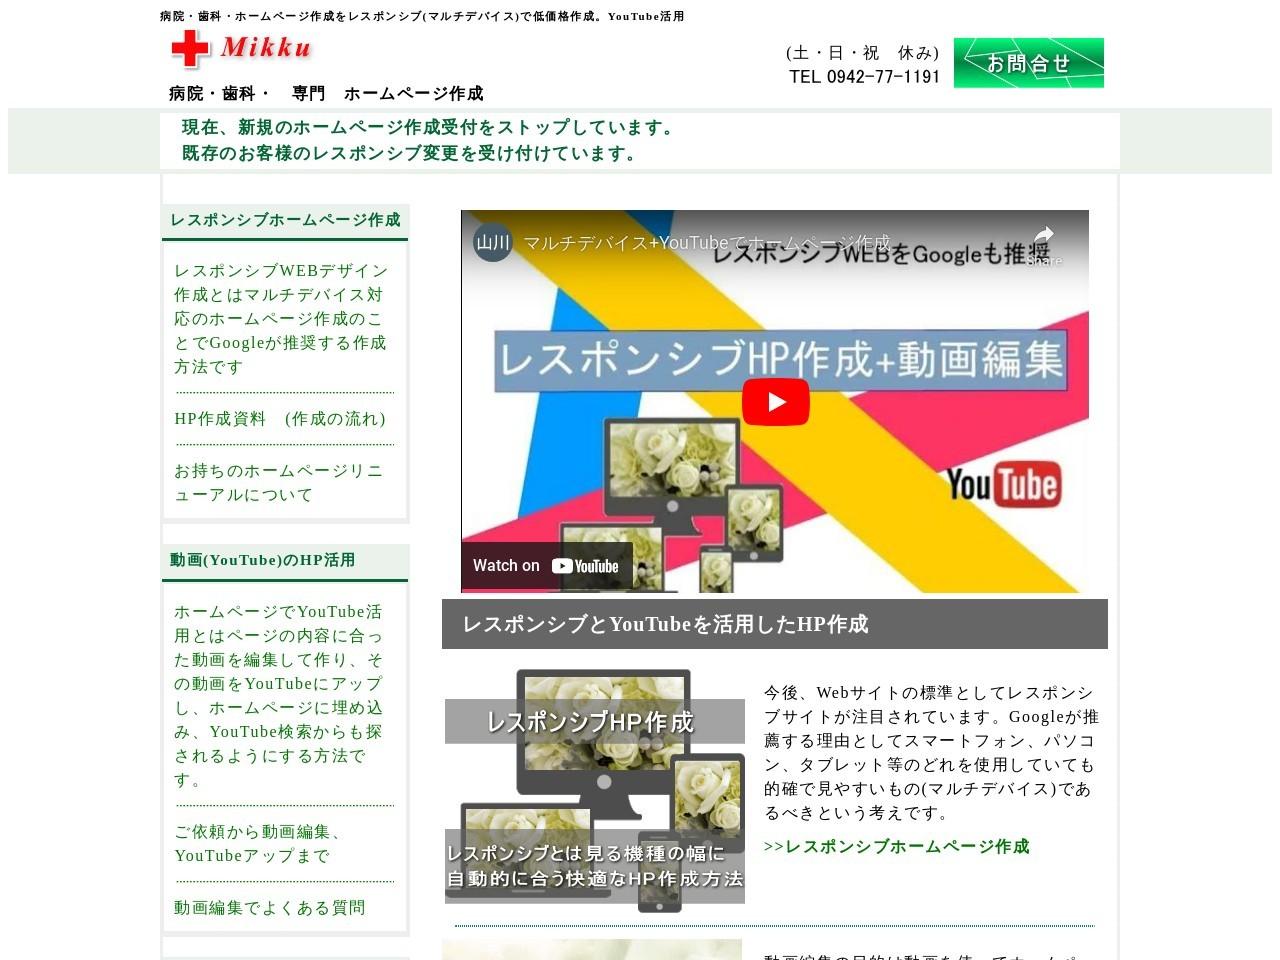 病院 歯科 ホームページ作成会社 低価格【Mikku あなたの町のホームページ作成】病院のホームページ作成、歯科のホームページ作成 専門 レスポンシブWEBデザイン(マルチデバイス)とYoutube用動画編集